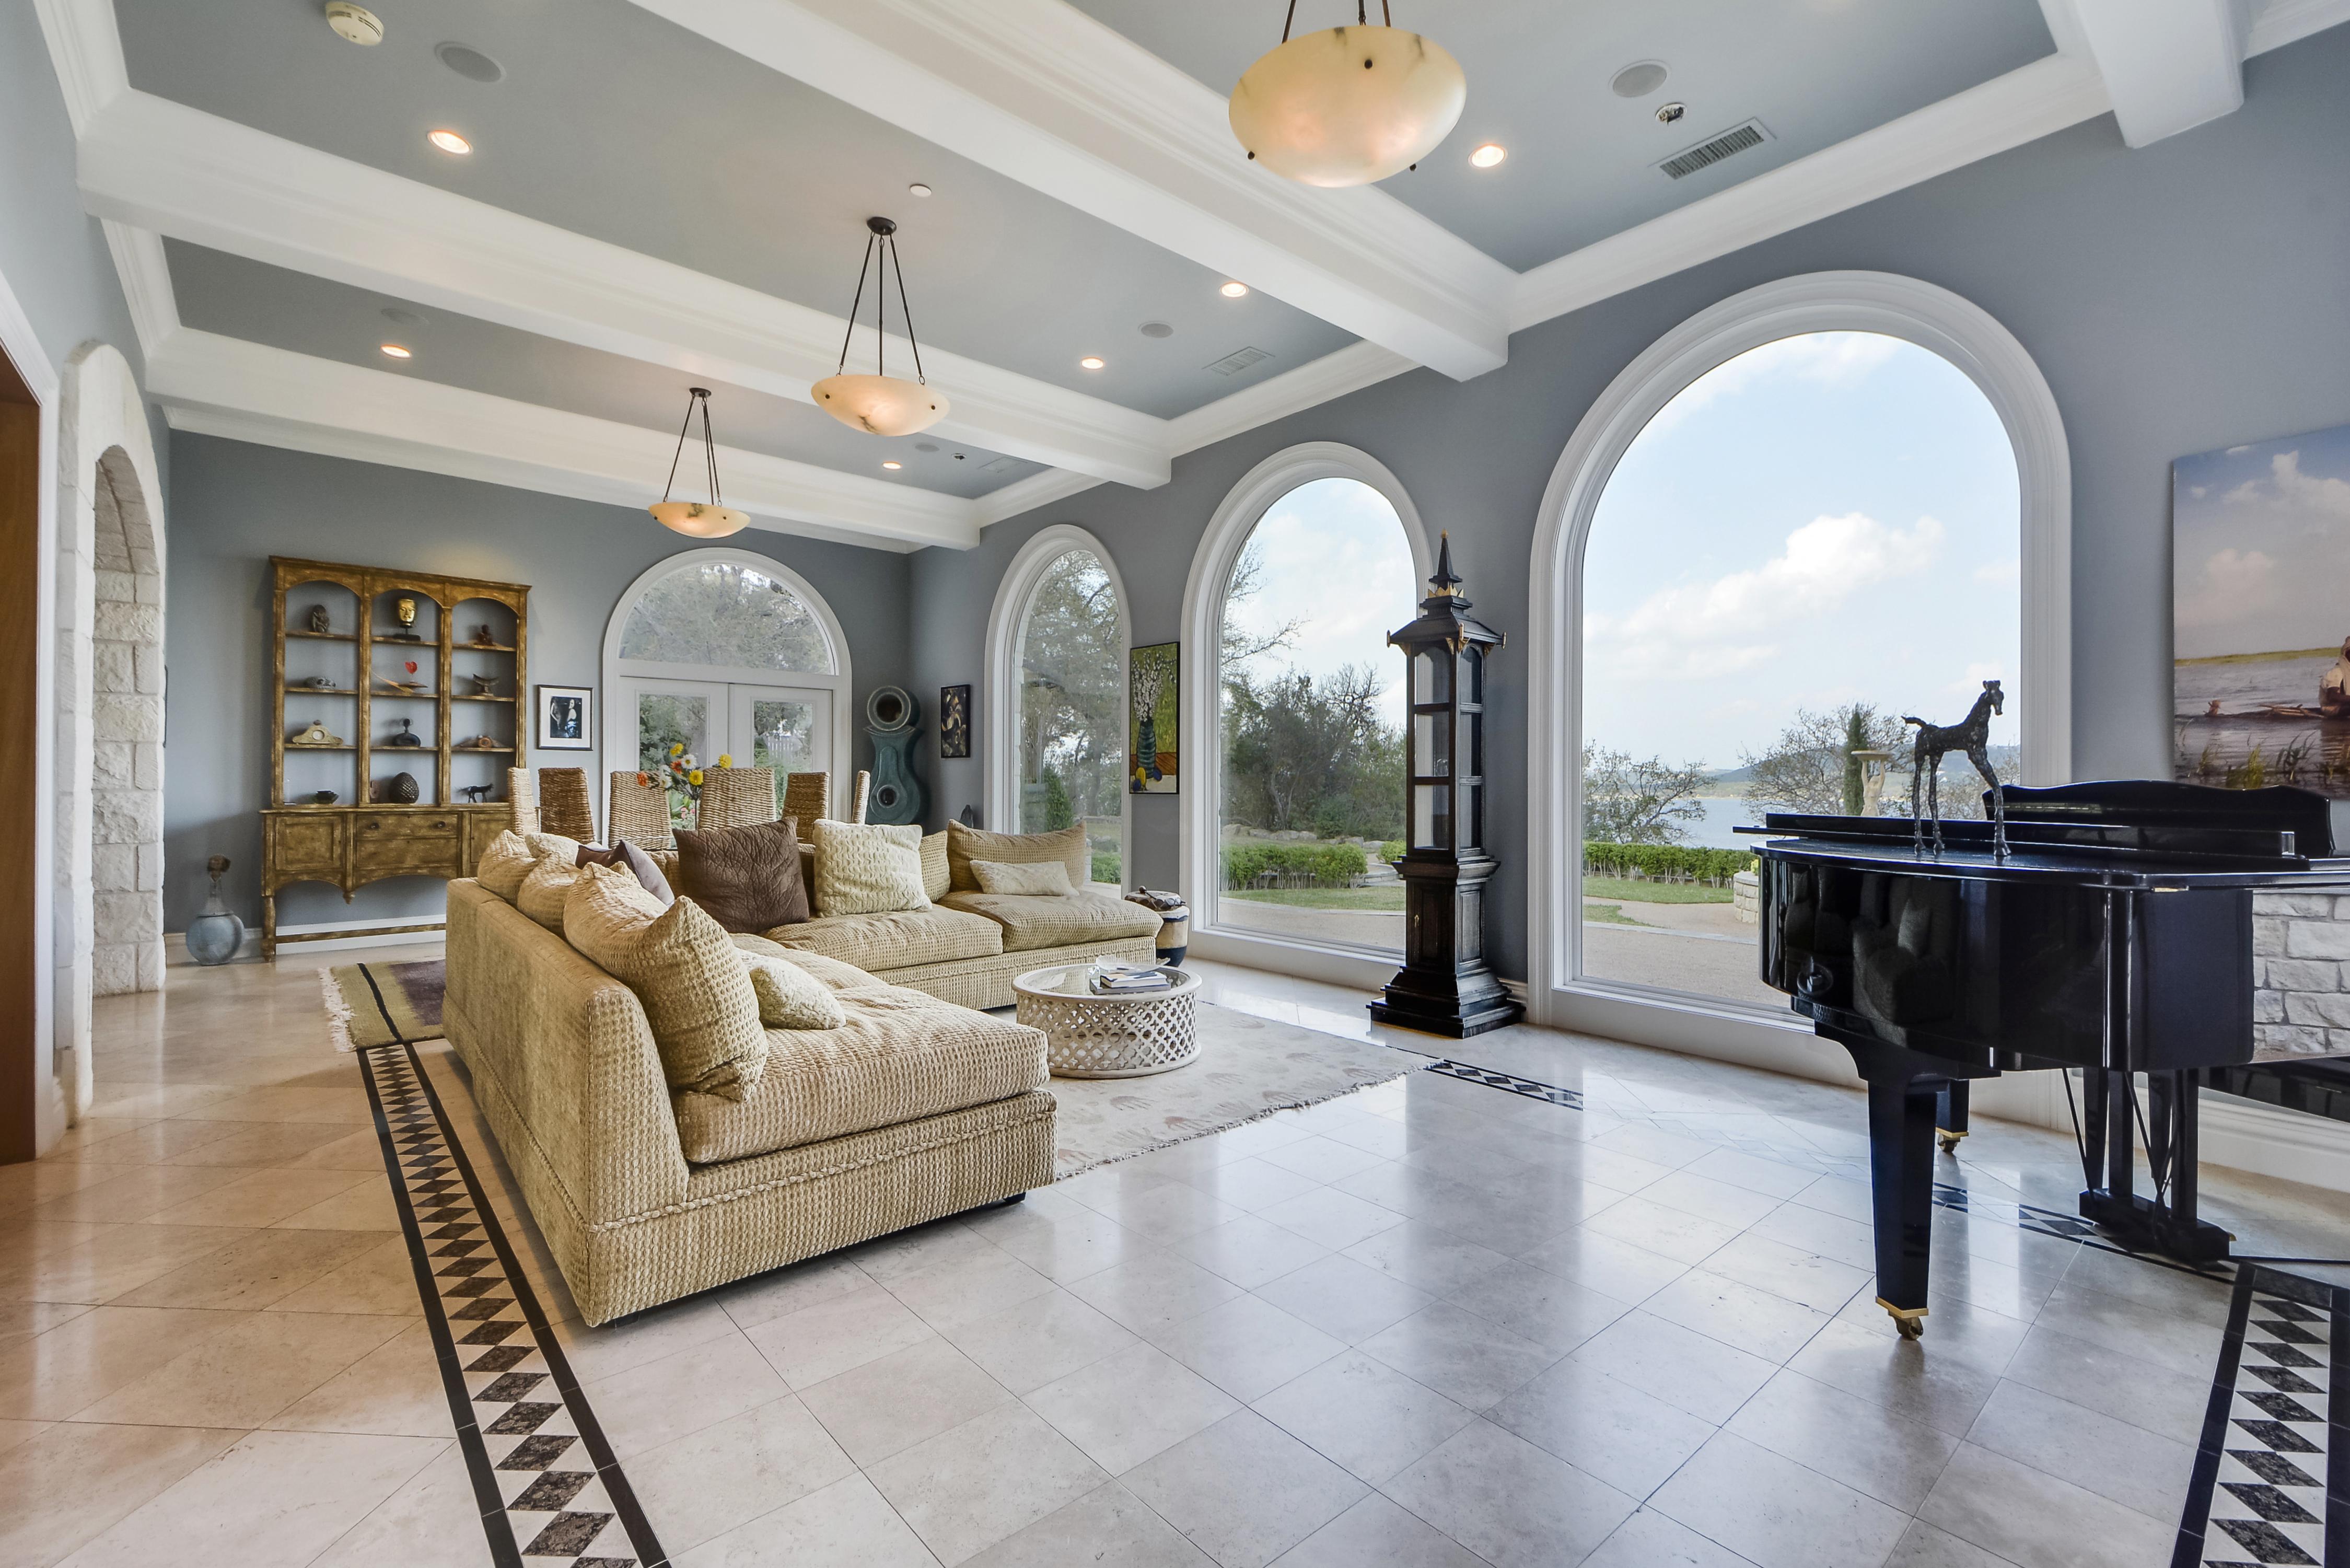 Floor Decor Mcdonough Ga Home Decorating Ideas